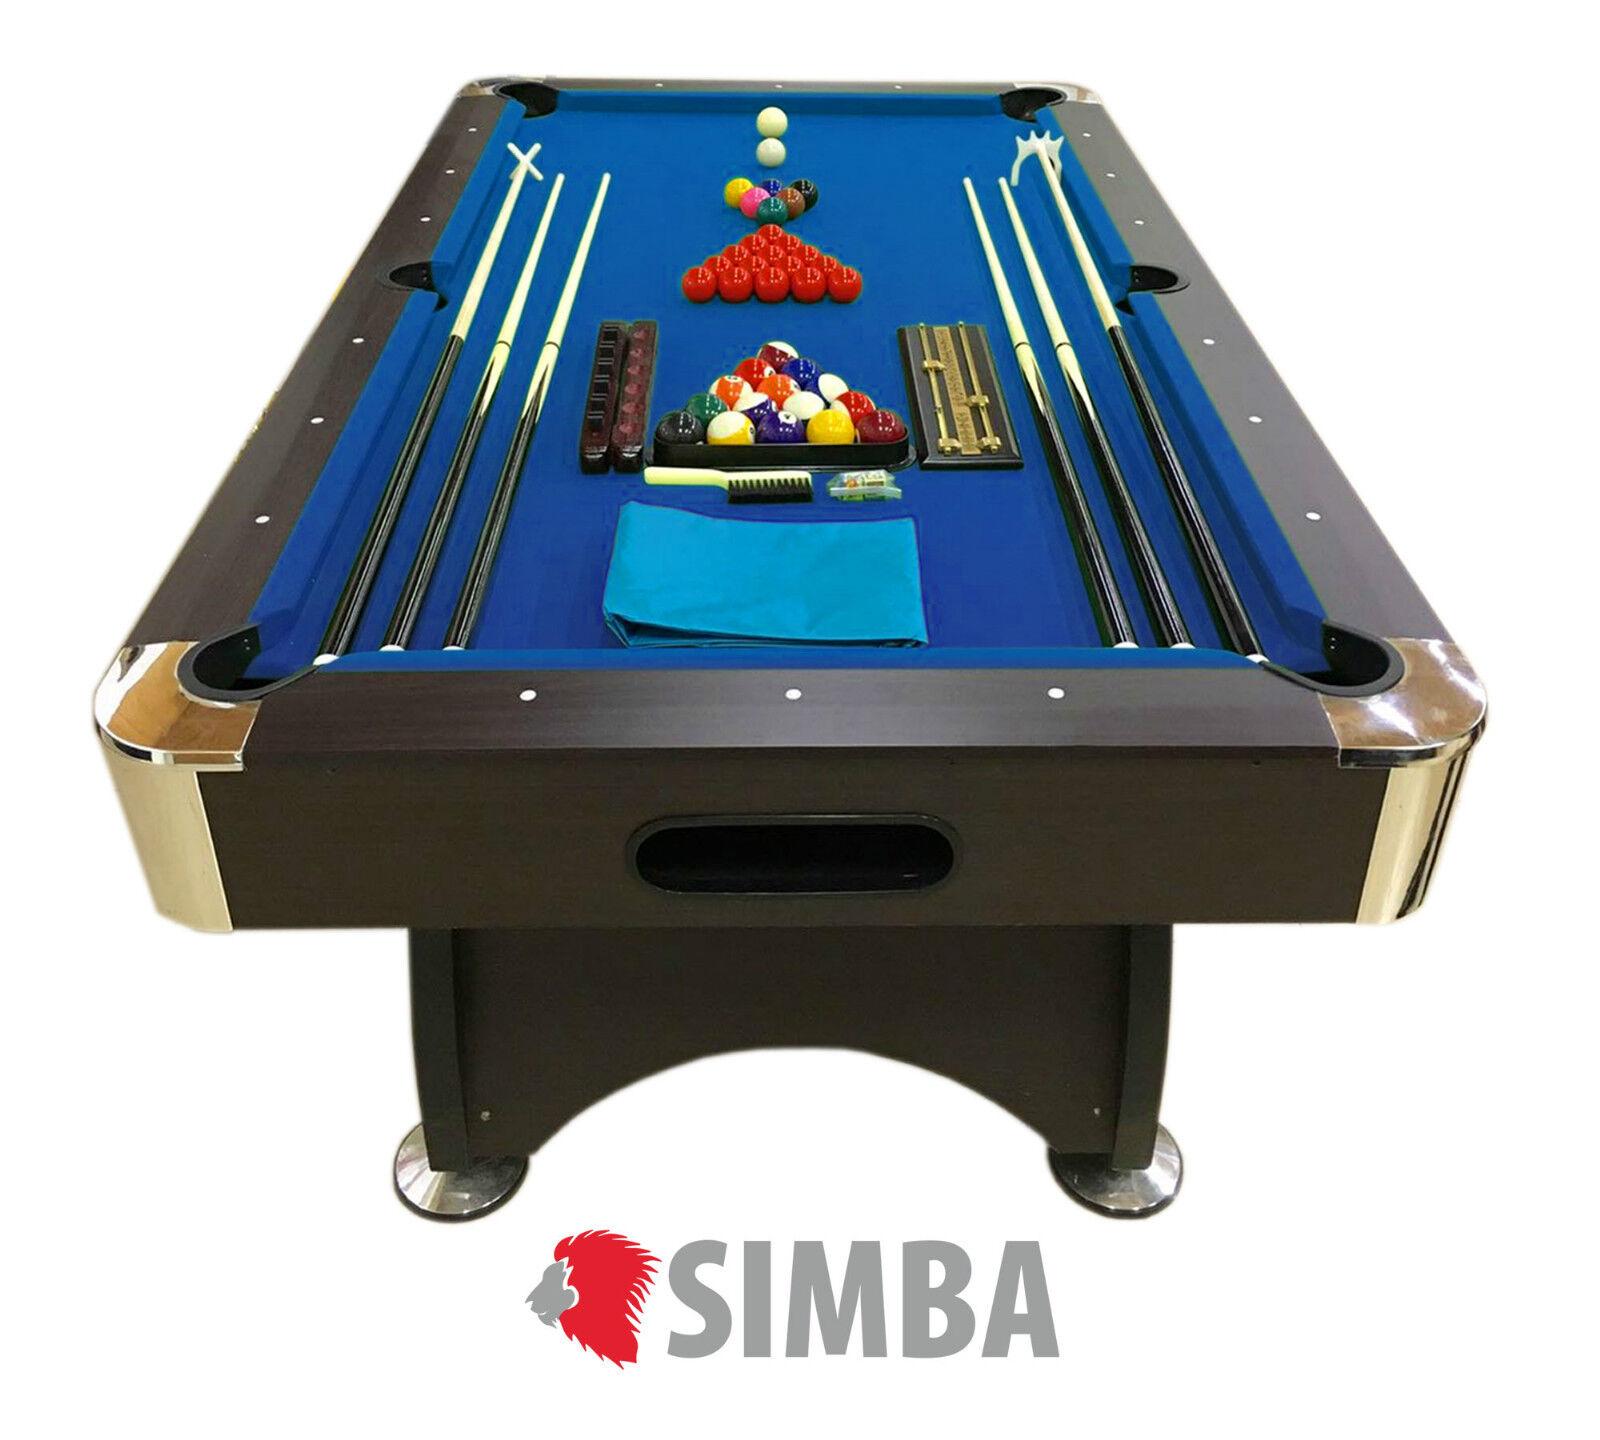 Mesa de billar 7 ft Medición de 188 X 96 cm juegos de billar pool carambola FULL